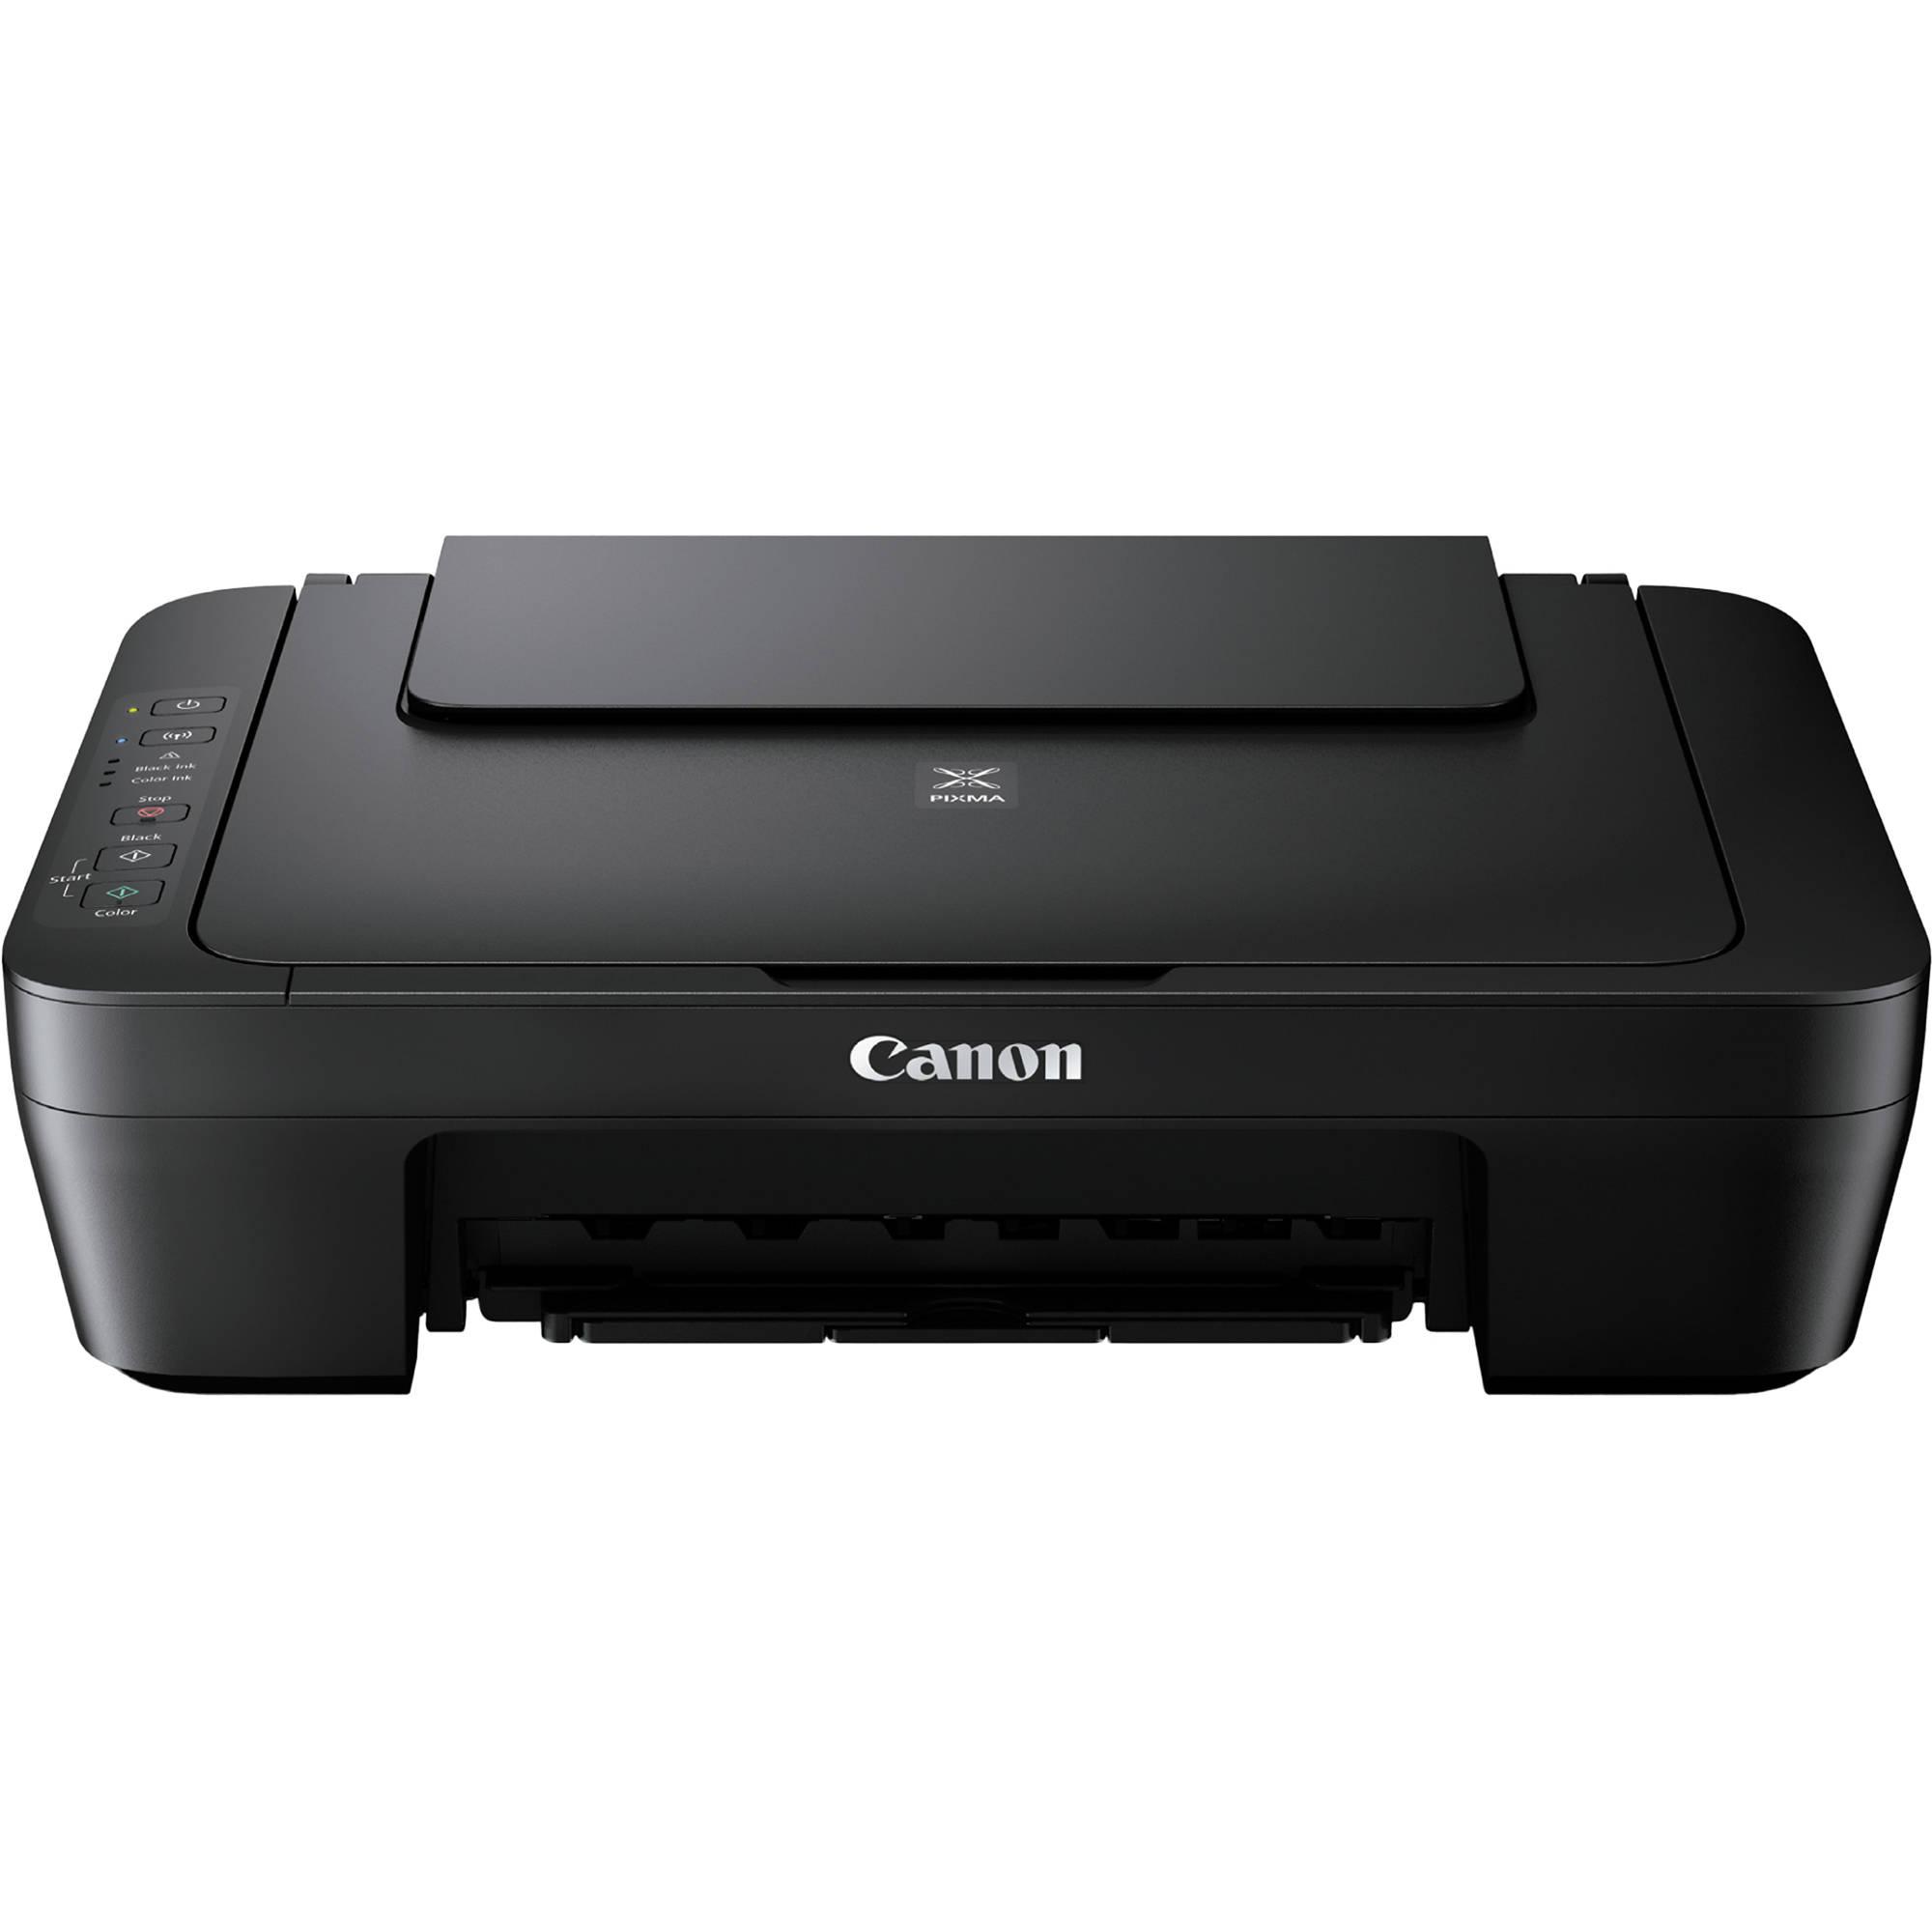 1200 X 1200 Dpi Color Laser Printer